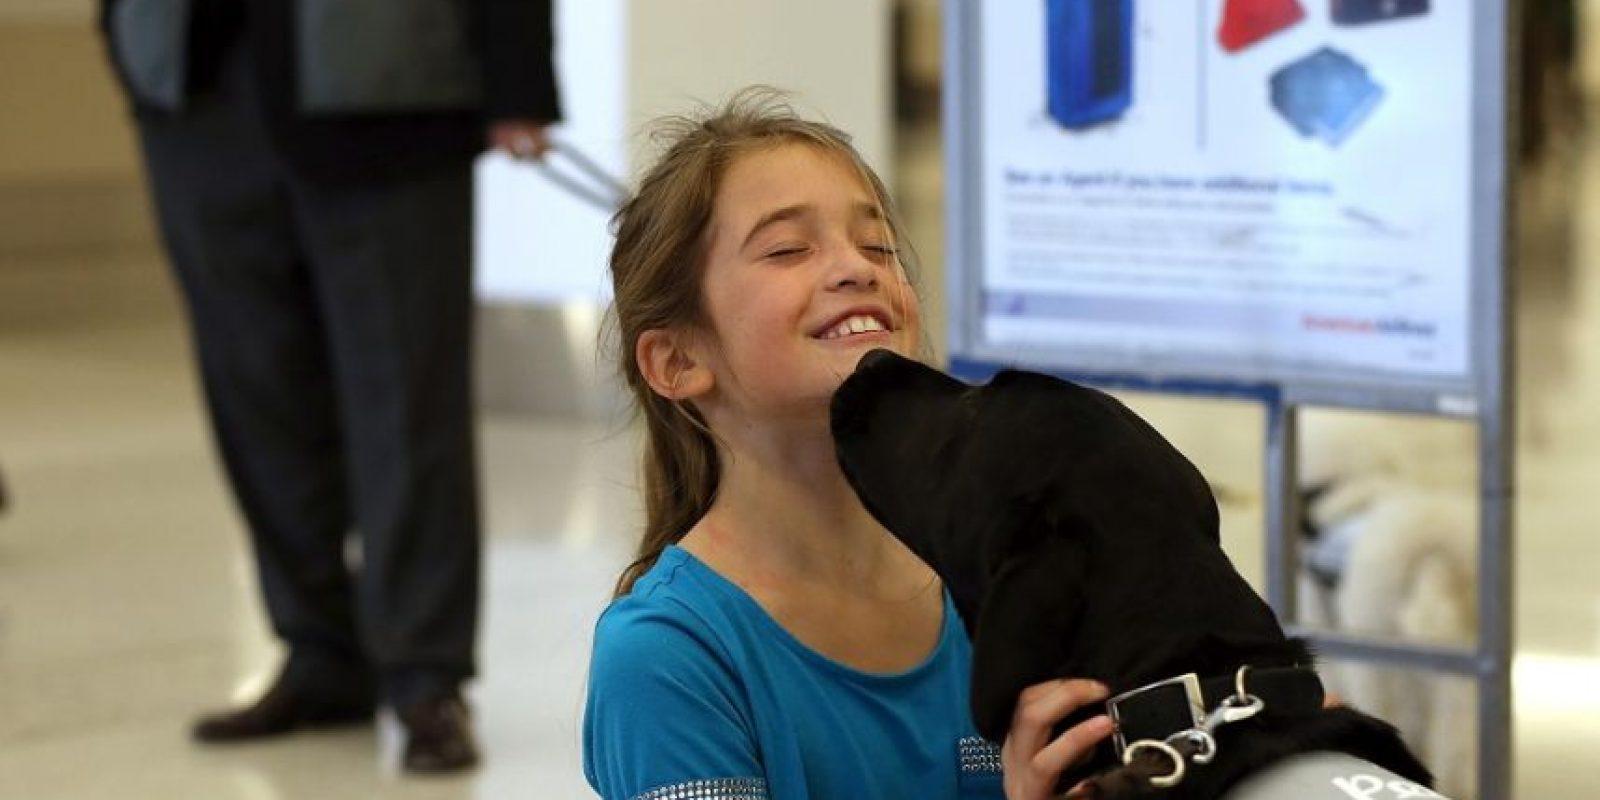 Los perros son utilizados como terapia en algunos hospitales. Las aventuras de Lassie son el mejor ejemplo de l bueno que puede ser tener un perro. Foto: Getty